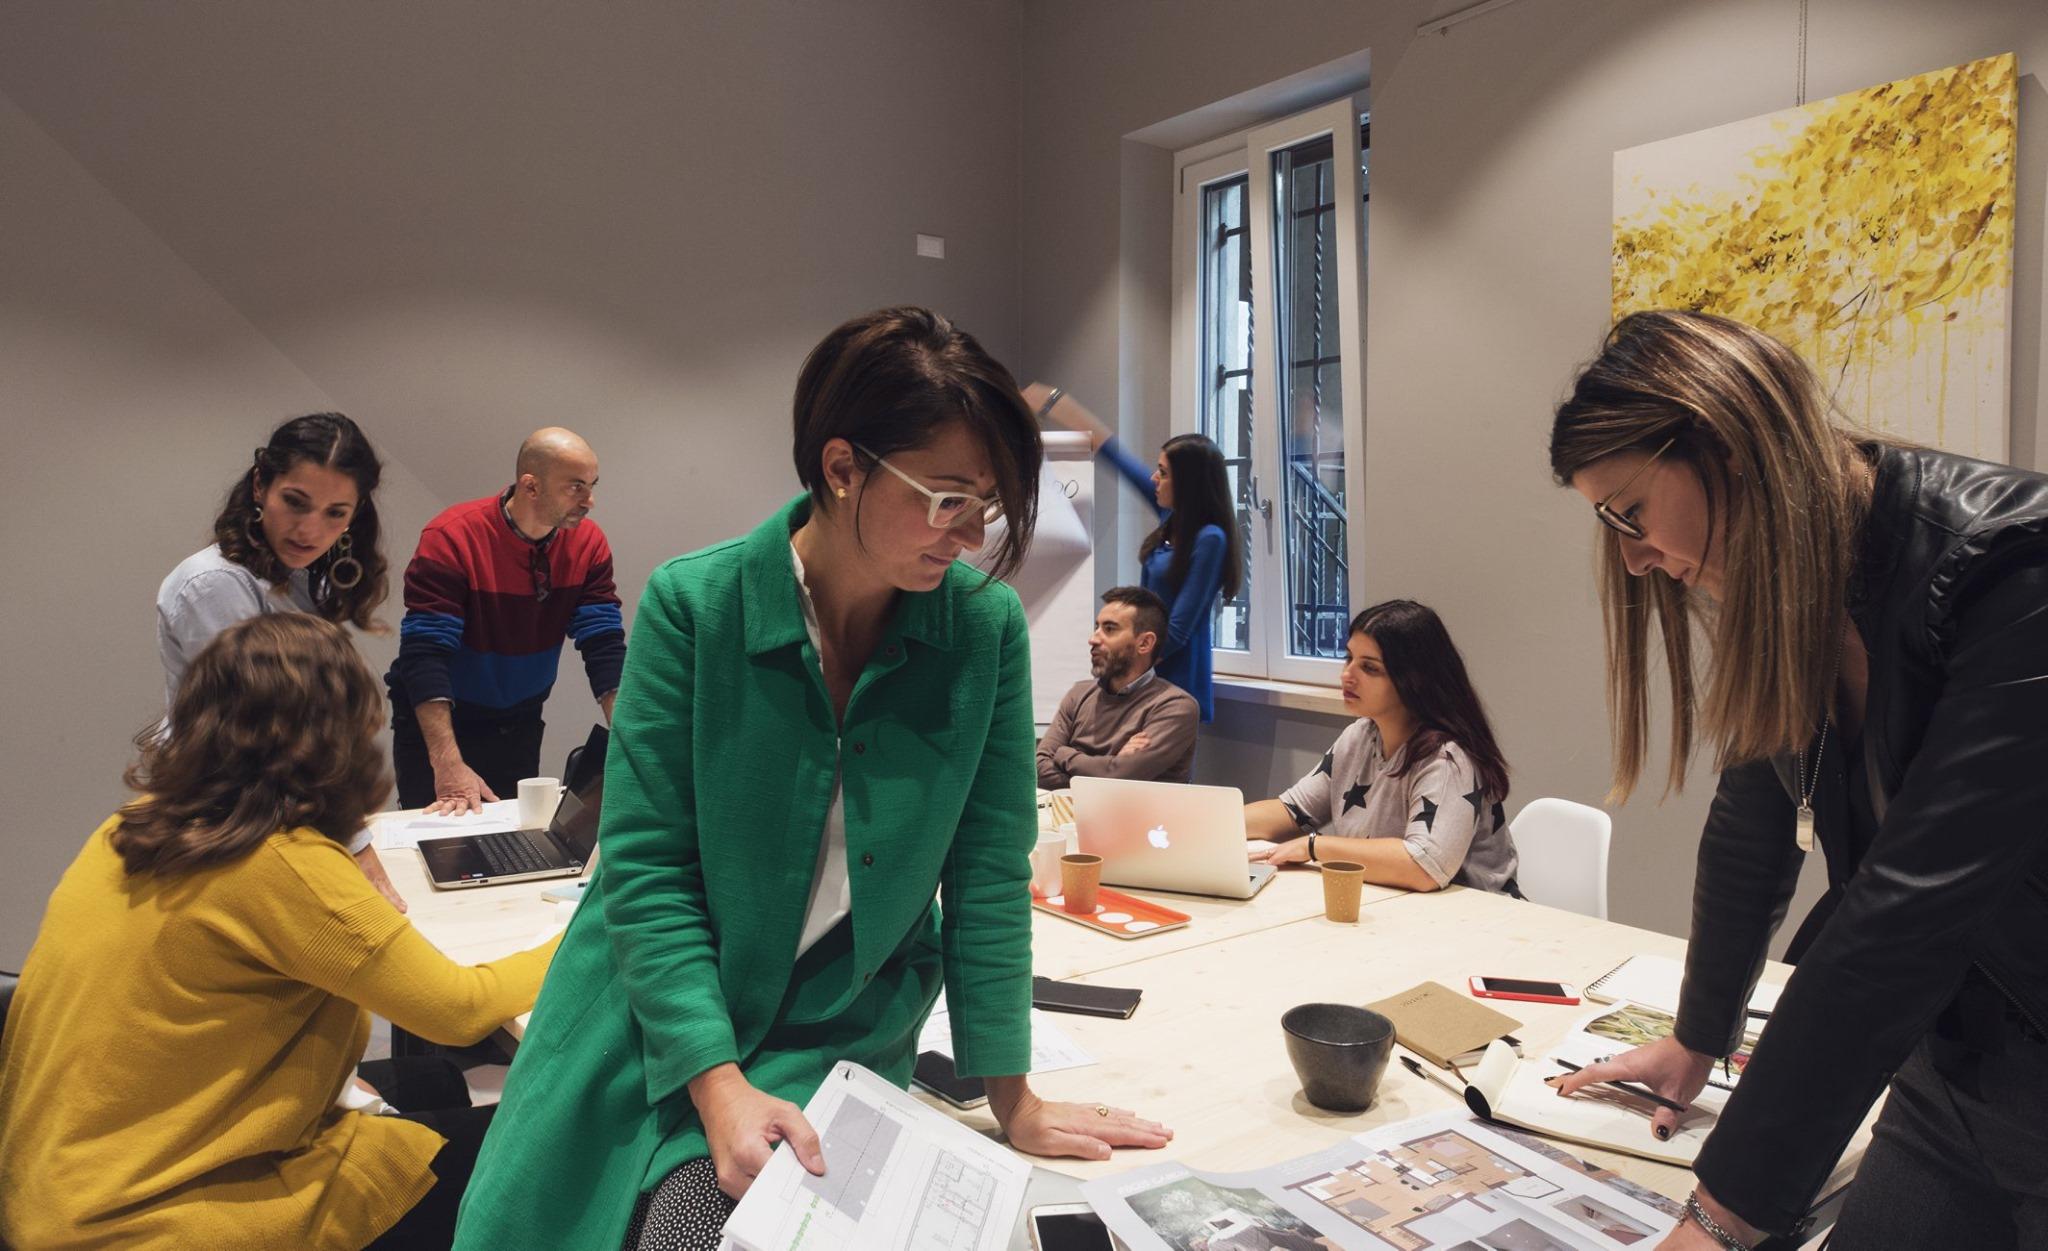 C'è un luogo che unisce lavoro, serate di slam poetry, opere d'arte, gastronomia pugliese, corsi e conferenze: Multi.me coworking a Mantova